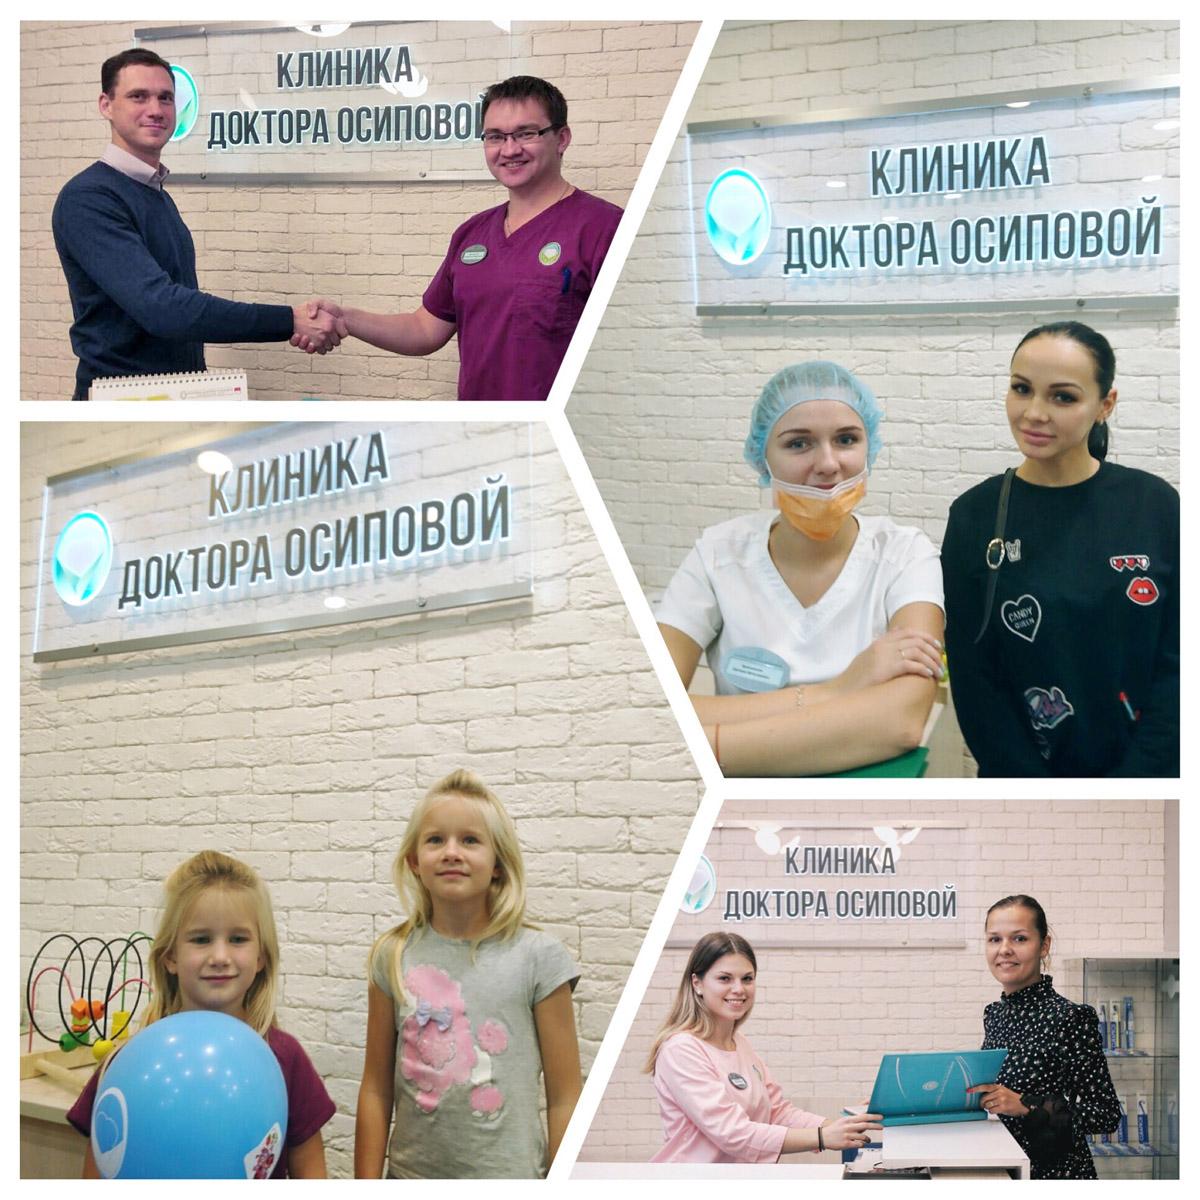 довольные пациенты клиники доктора Осиповой